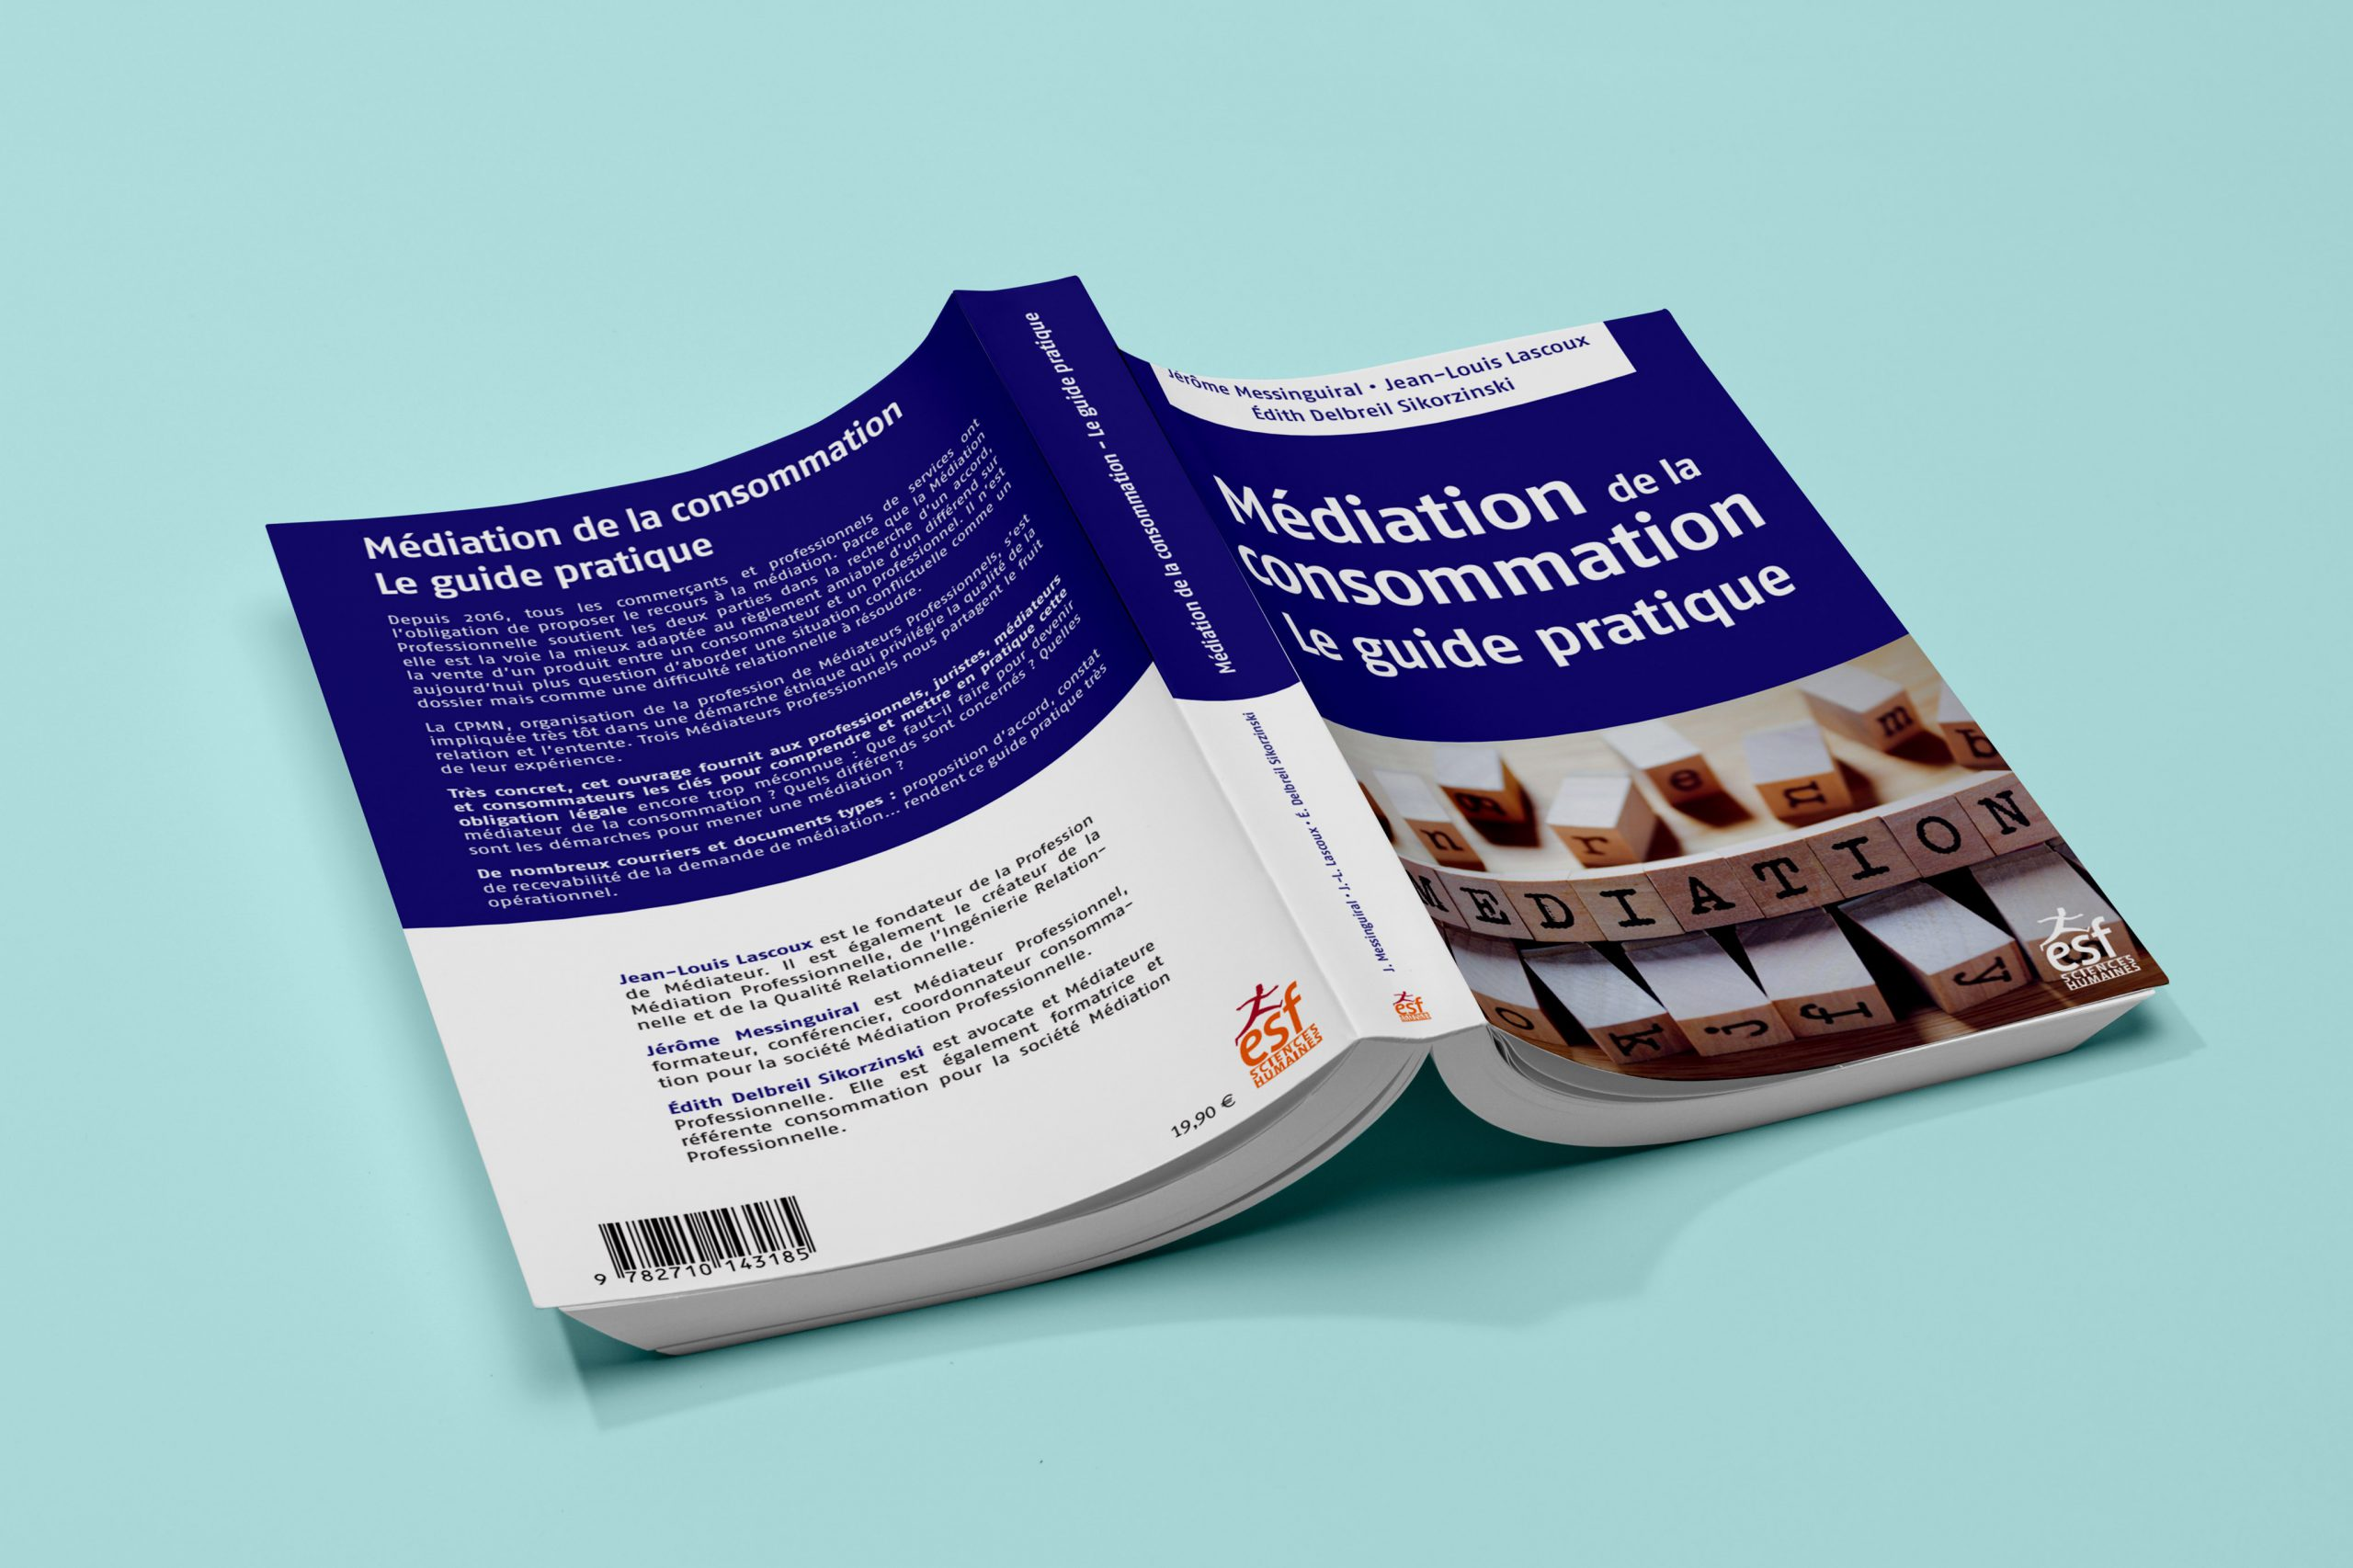 Le guide pratique de la médiation de la consommation